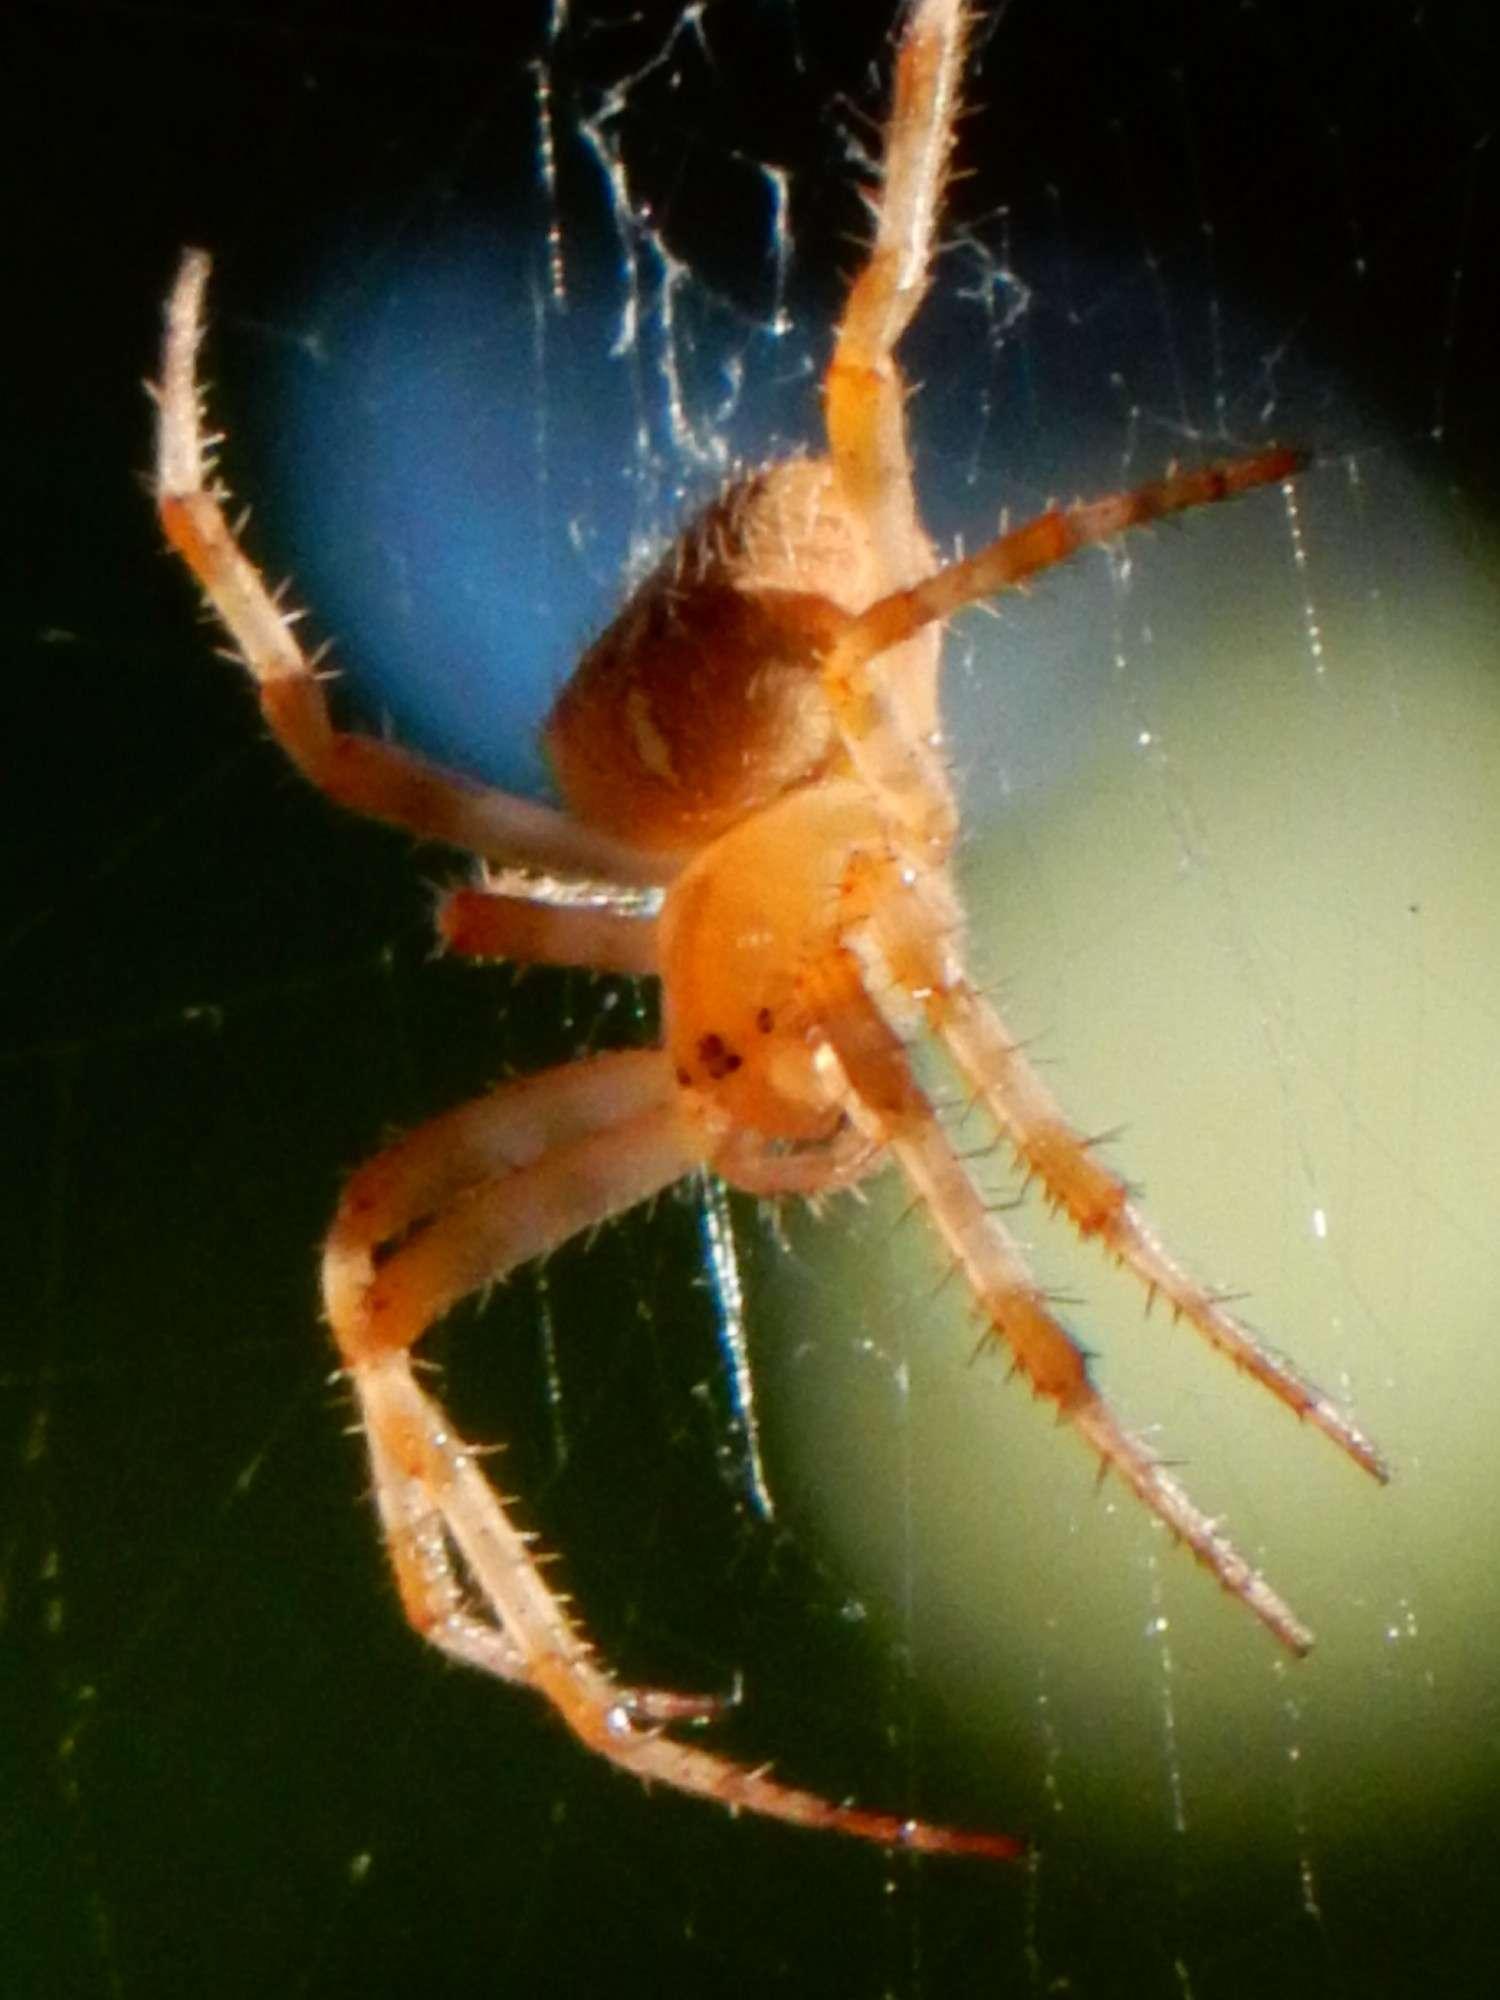 [résolu]araneus diadematus Clerck 1757 épeire diadème F_00511